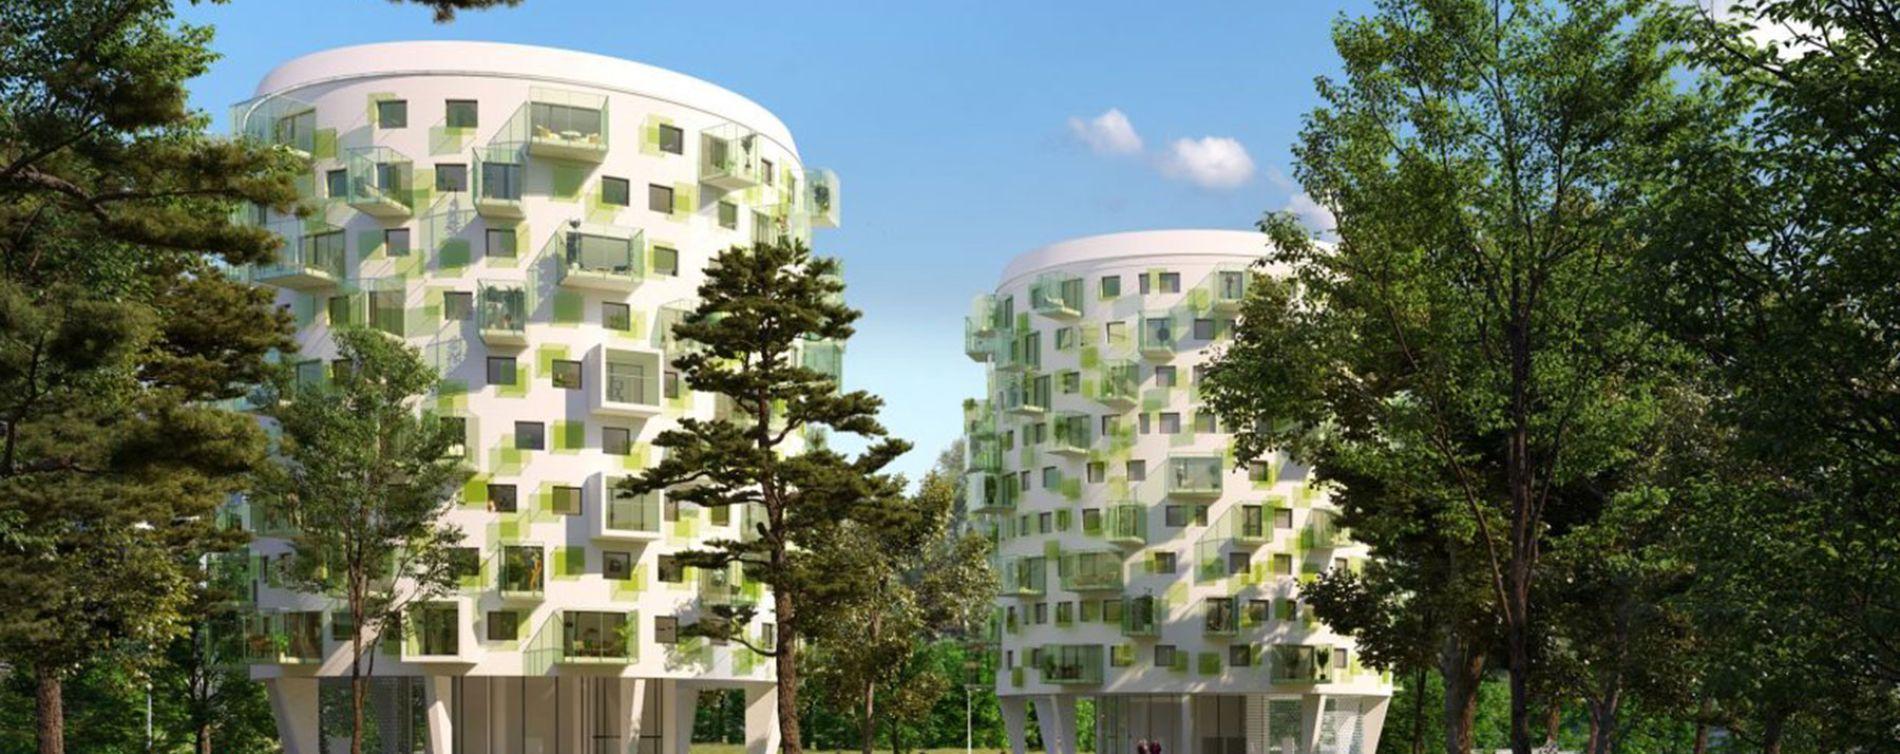 Résidence Parc de Fontbelleau 2 à Lormont